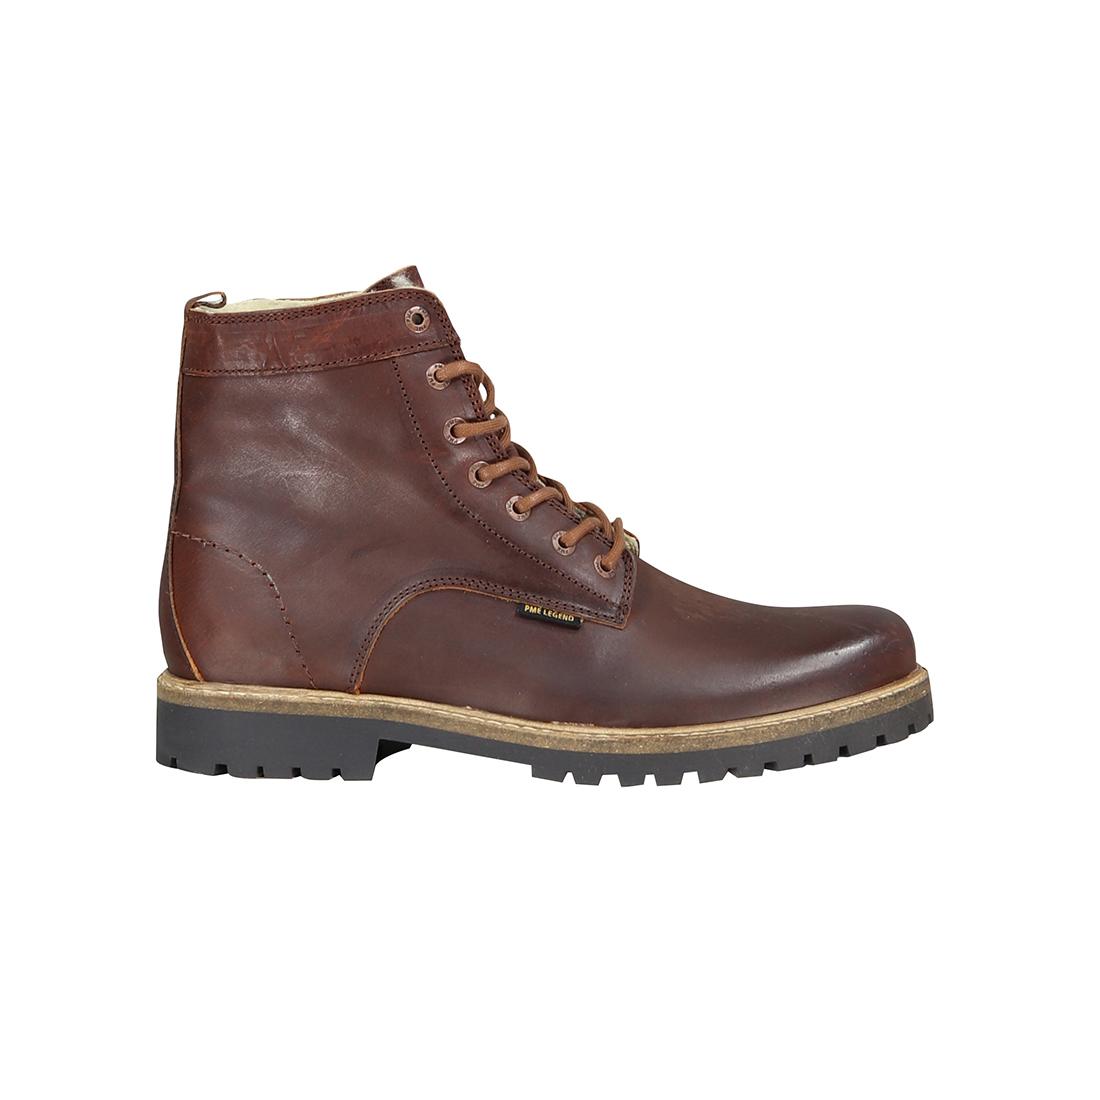 PME Legend schoenen pbo197043 in het Camel